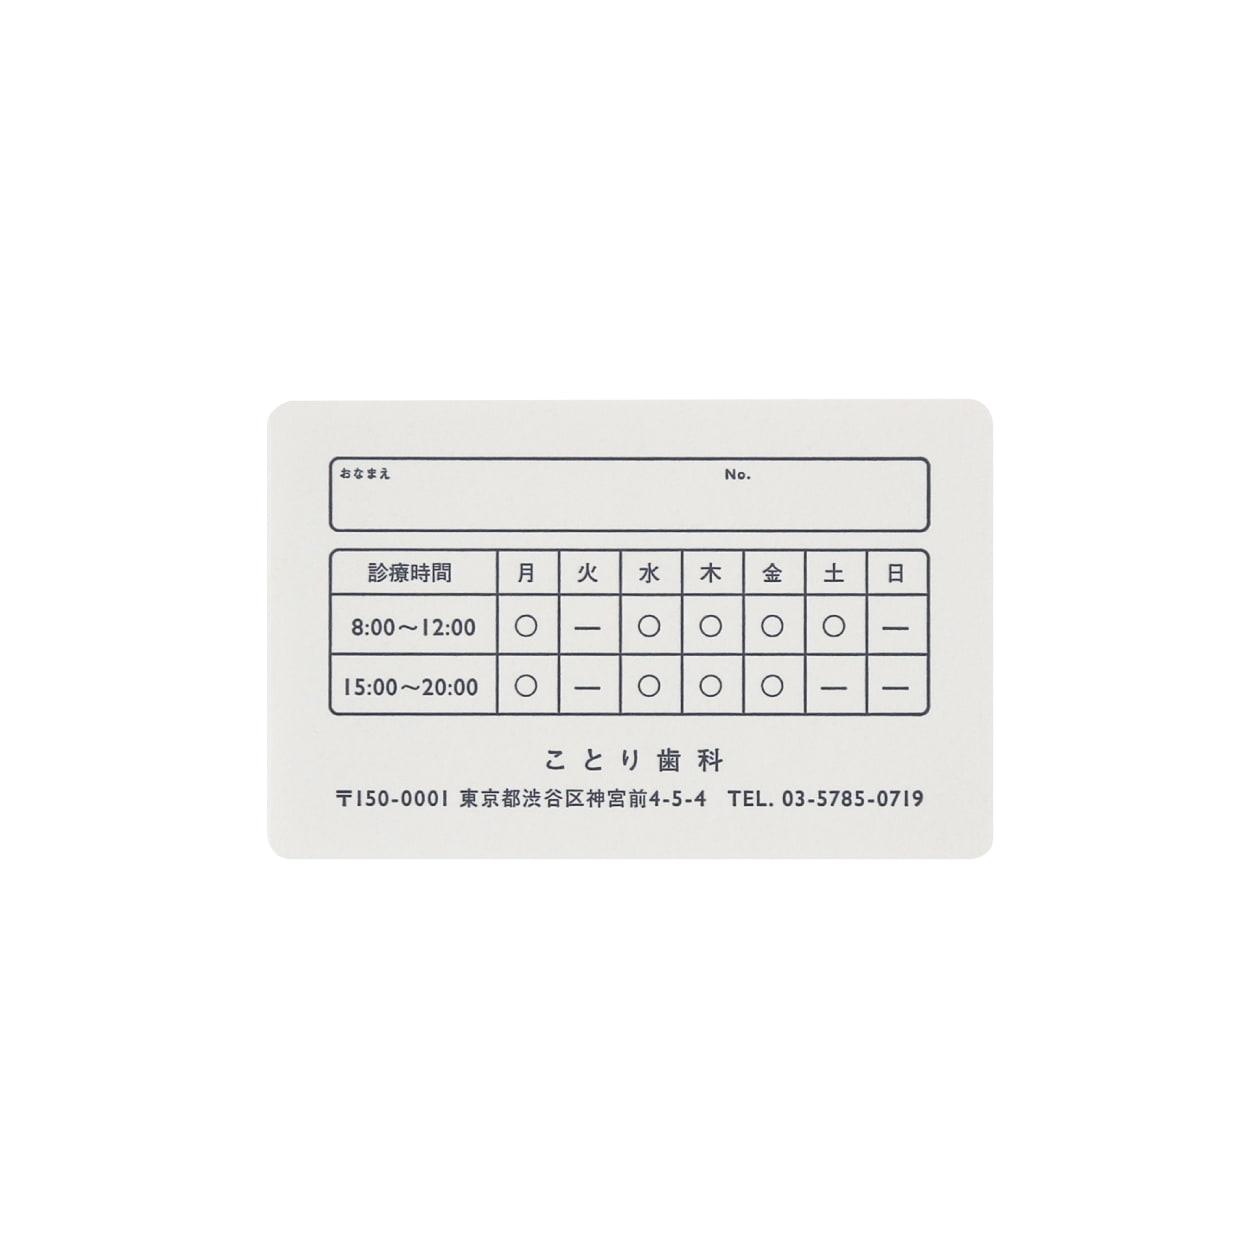 サンプル カード・シート 00188